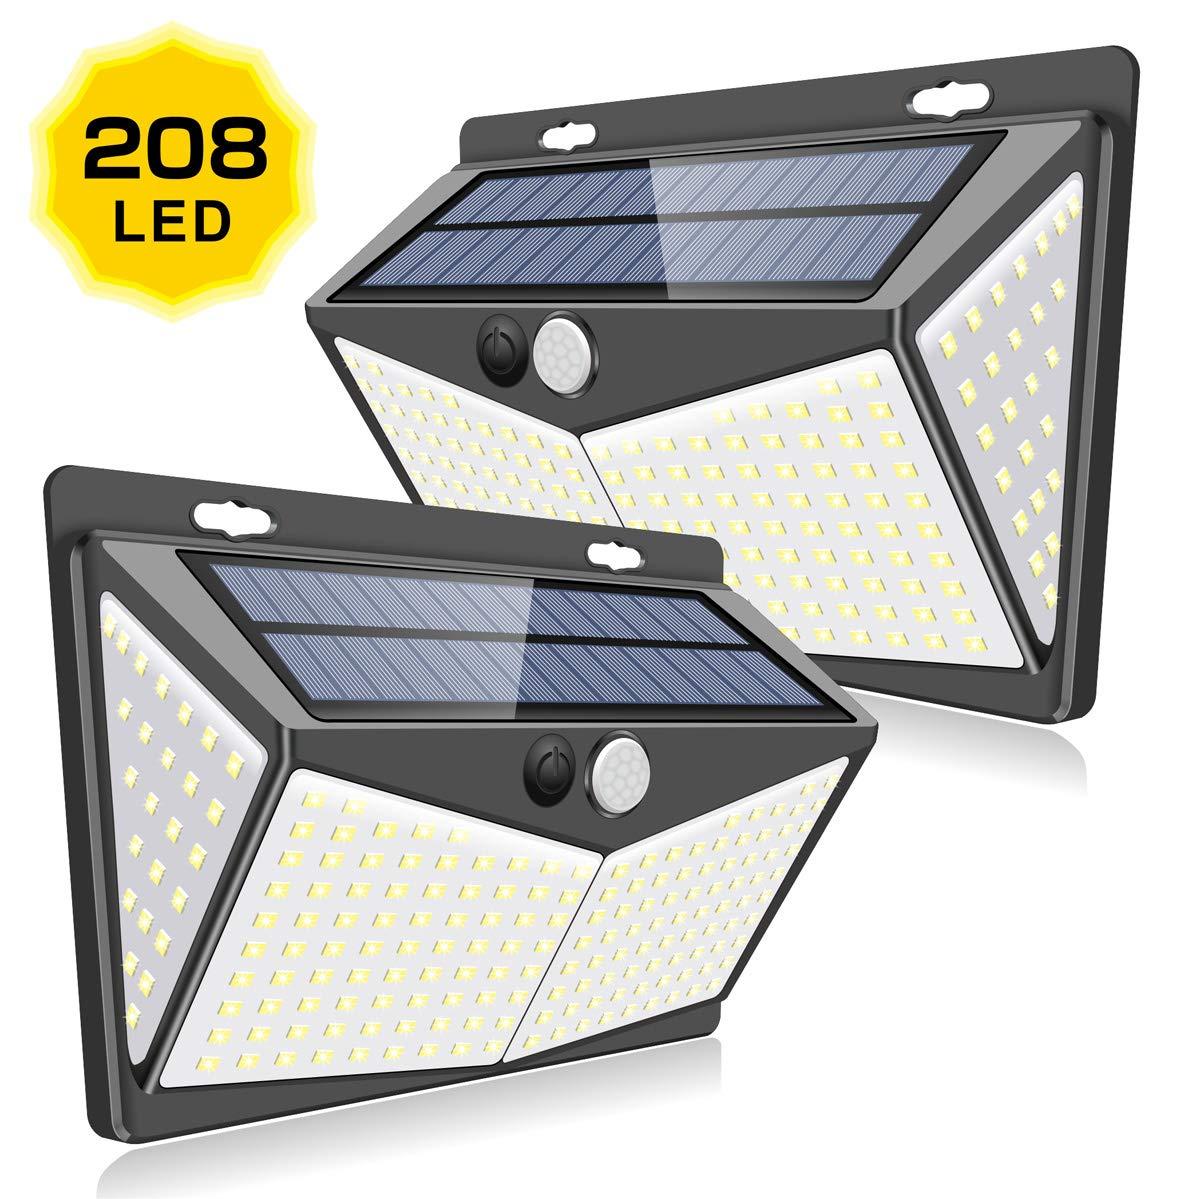 【最新版208LED】センサーライト ソーラーライト 4面発光 屋外照明